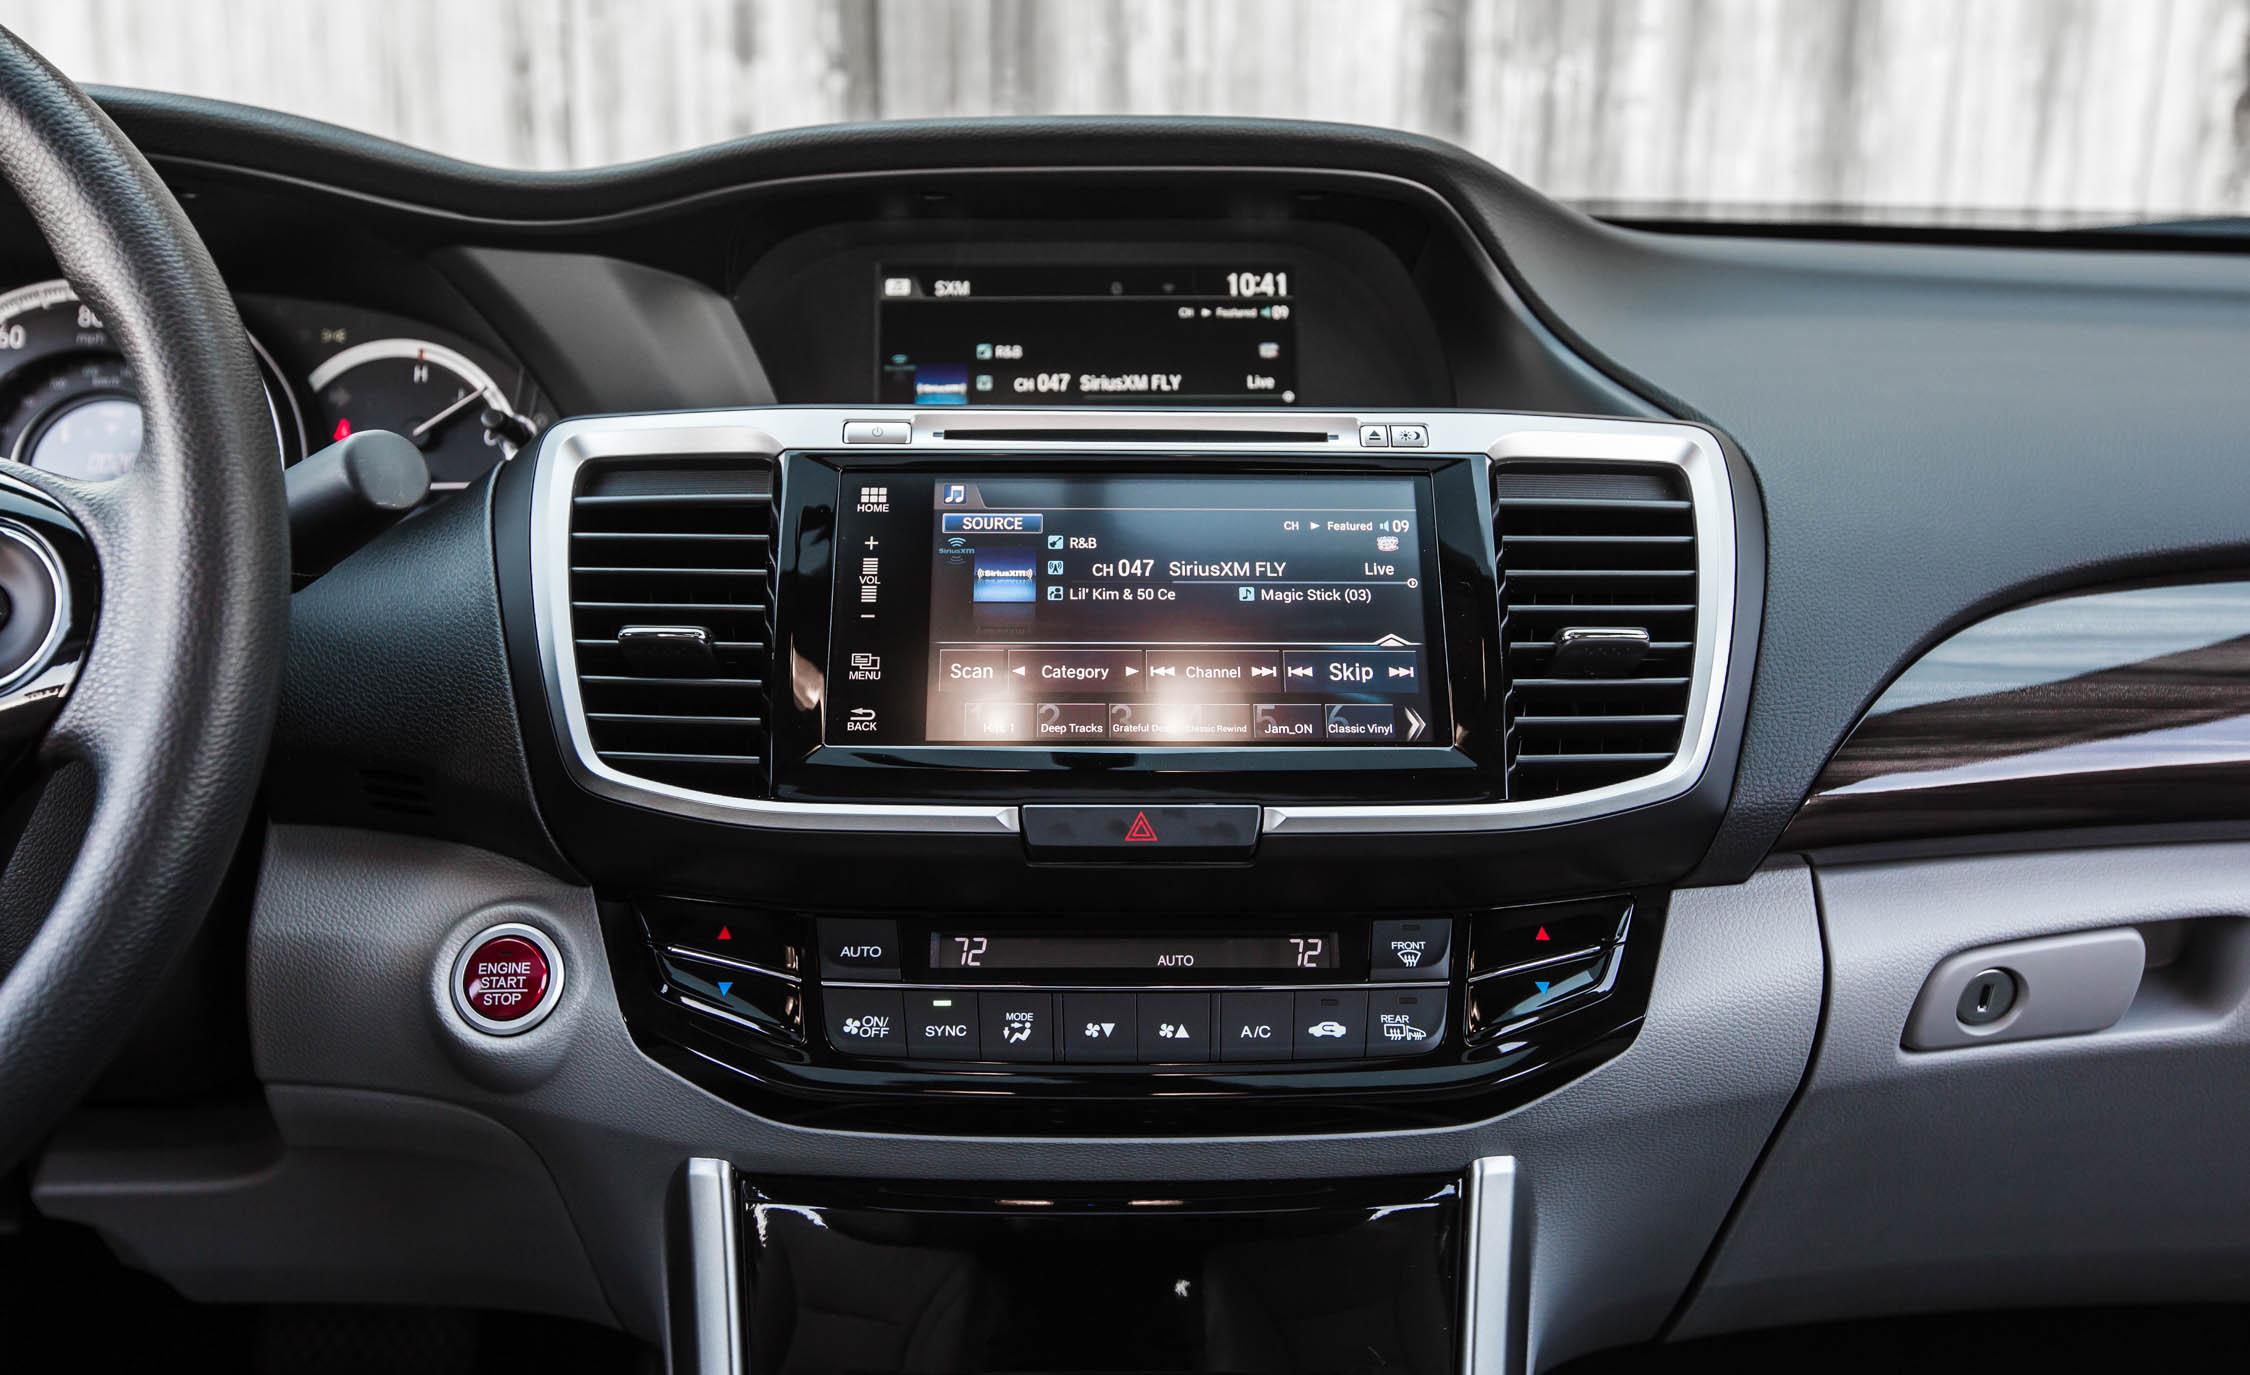 2016 Honda Accord EX Interior Center Head Unit